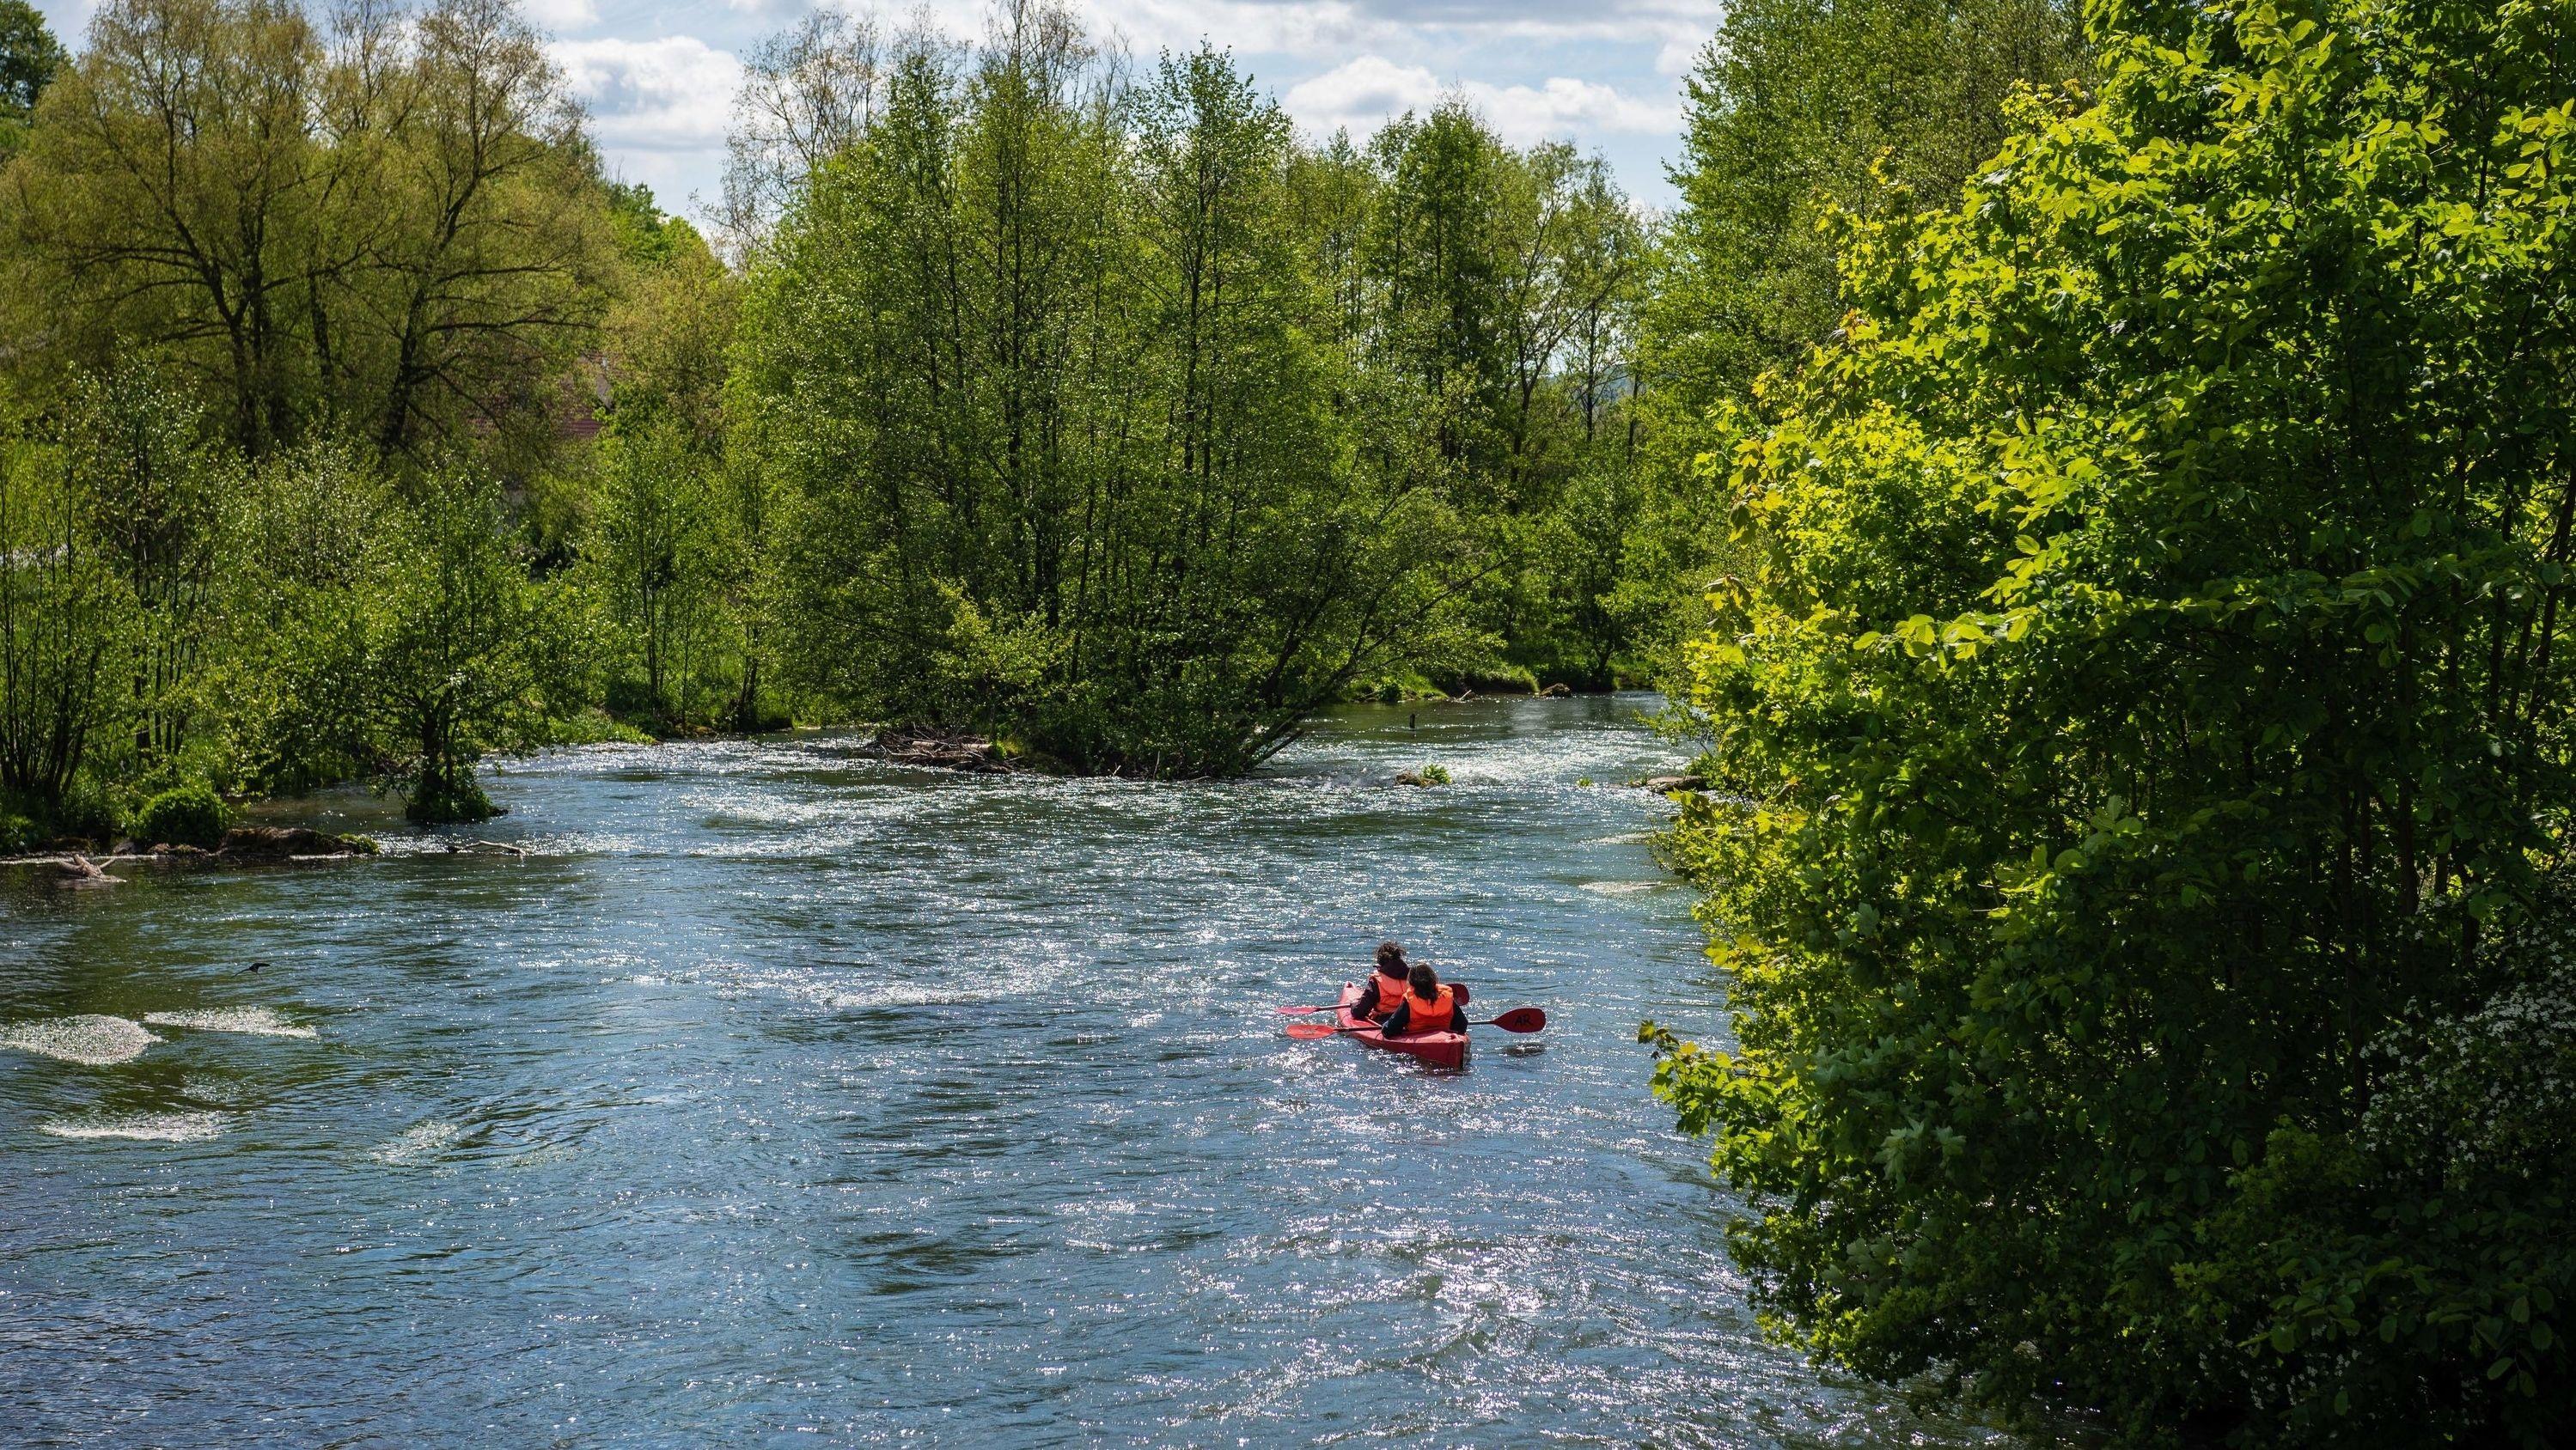 Ein Kanu paddelt inmitten von grünen Bäumen die Wiesent entlang.